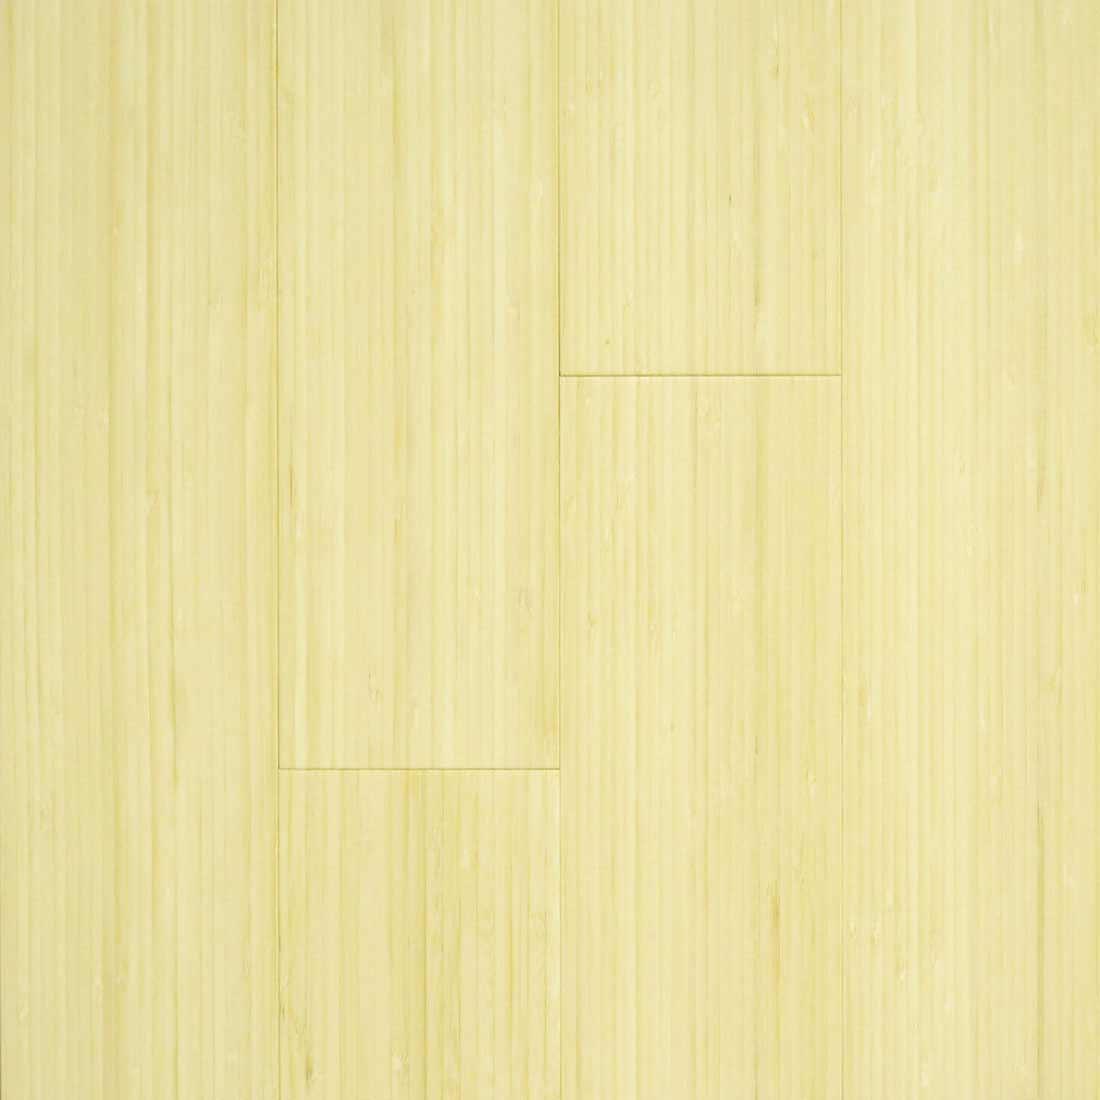 Parchet bambus dasso